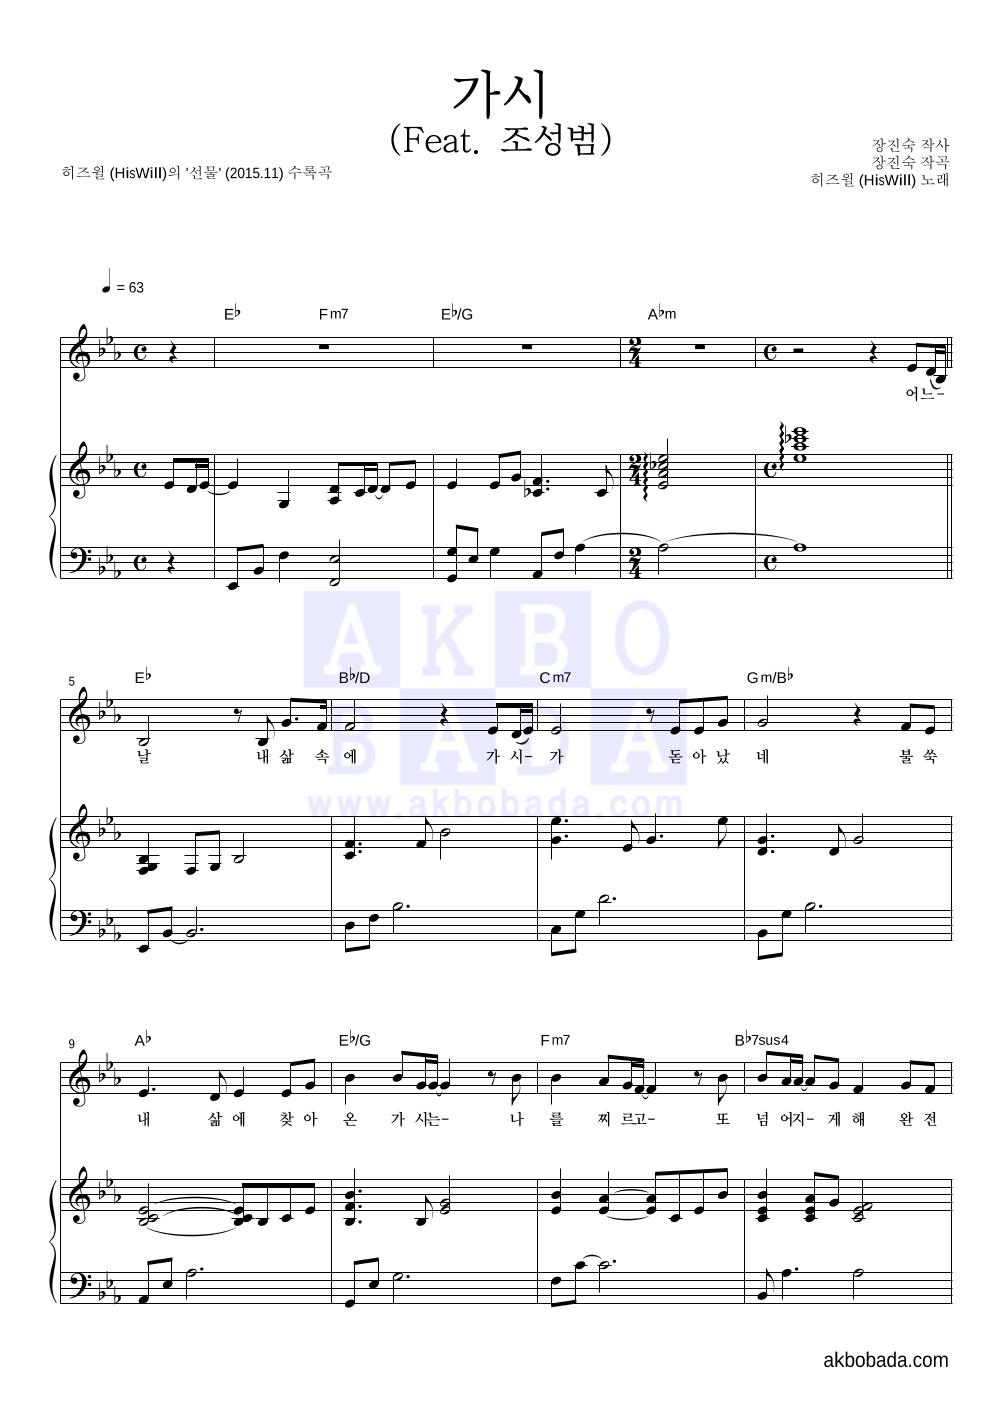 히즈윌 - 가시 (Feat. 조성범) 피아노 3단 악보